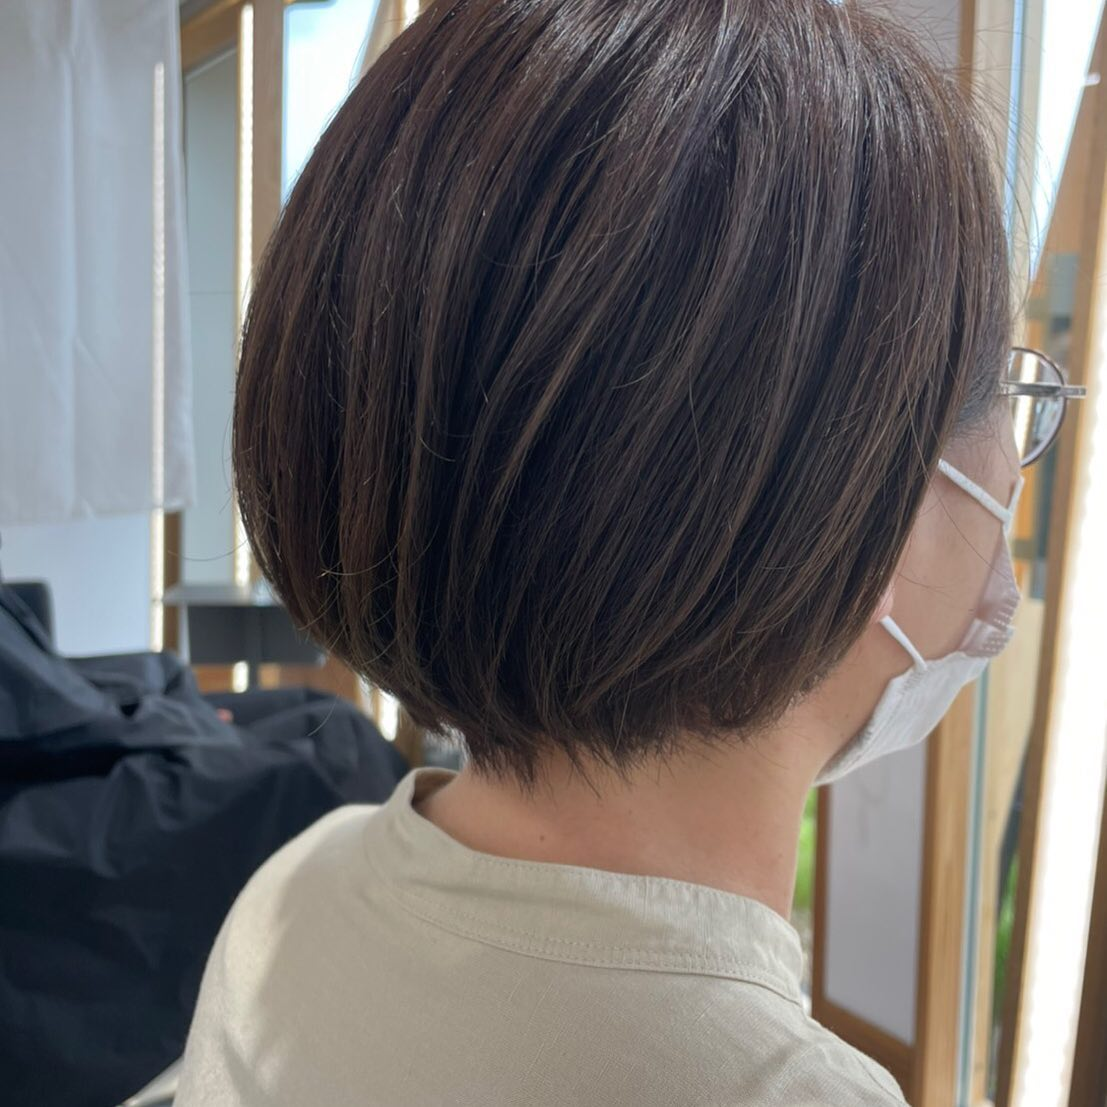 伸ばしやすいように表面はそのままに全体揃えて︎カラーも明るく春色に#totti #hair #color #perm #cut #hairstyle #haircolor #hairarrange #stylist #care #carelist #aujua #イルミナカラー #headspa #treatment #美容院